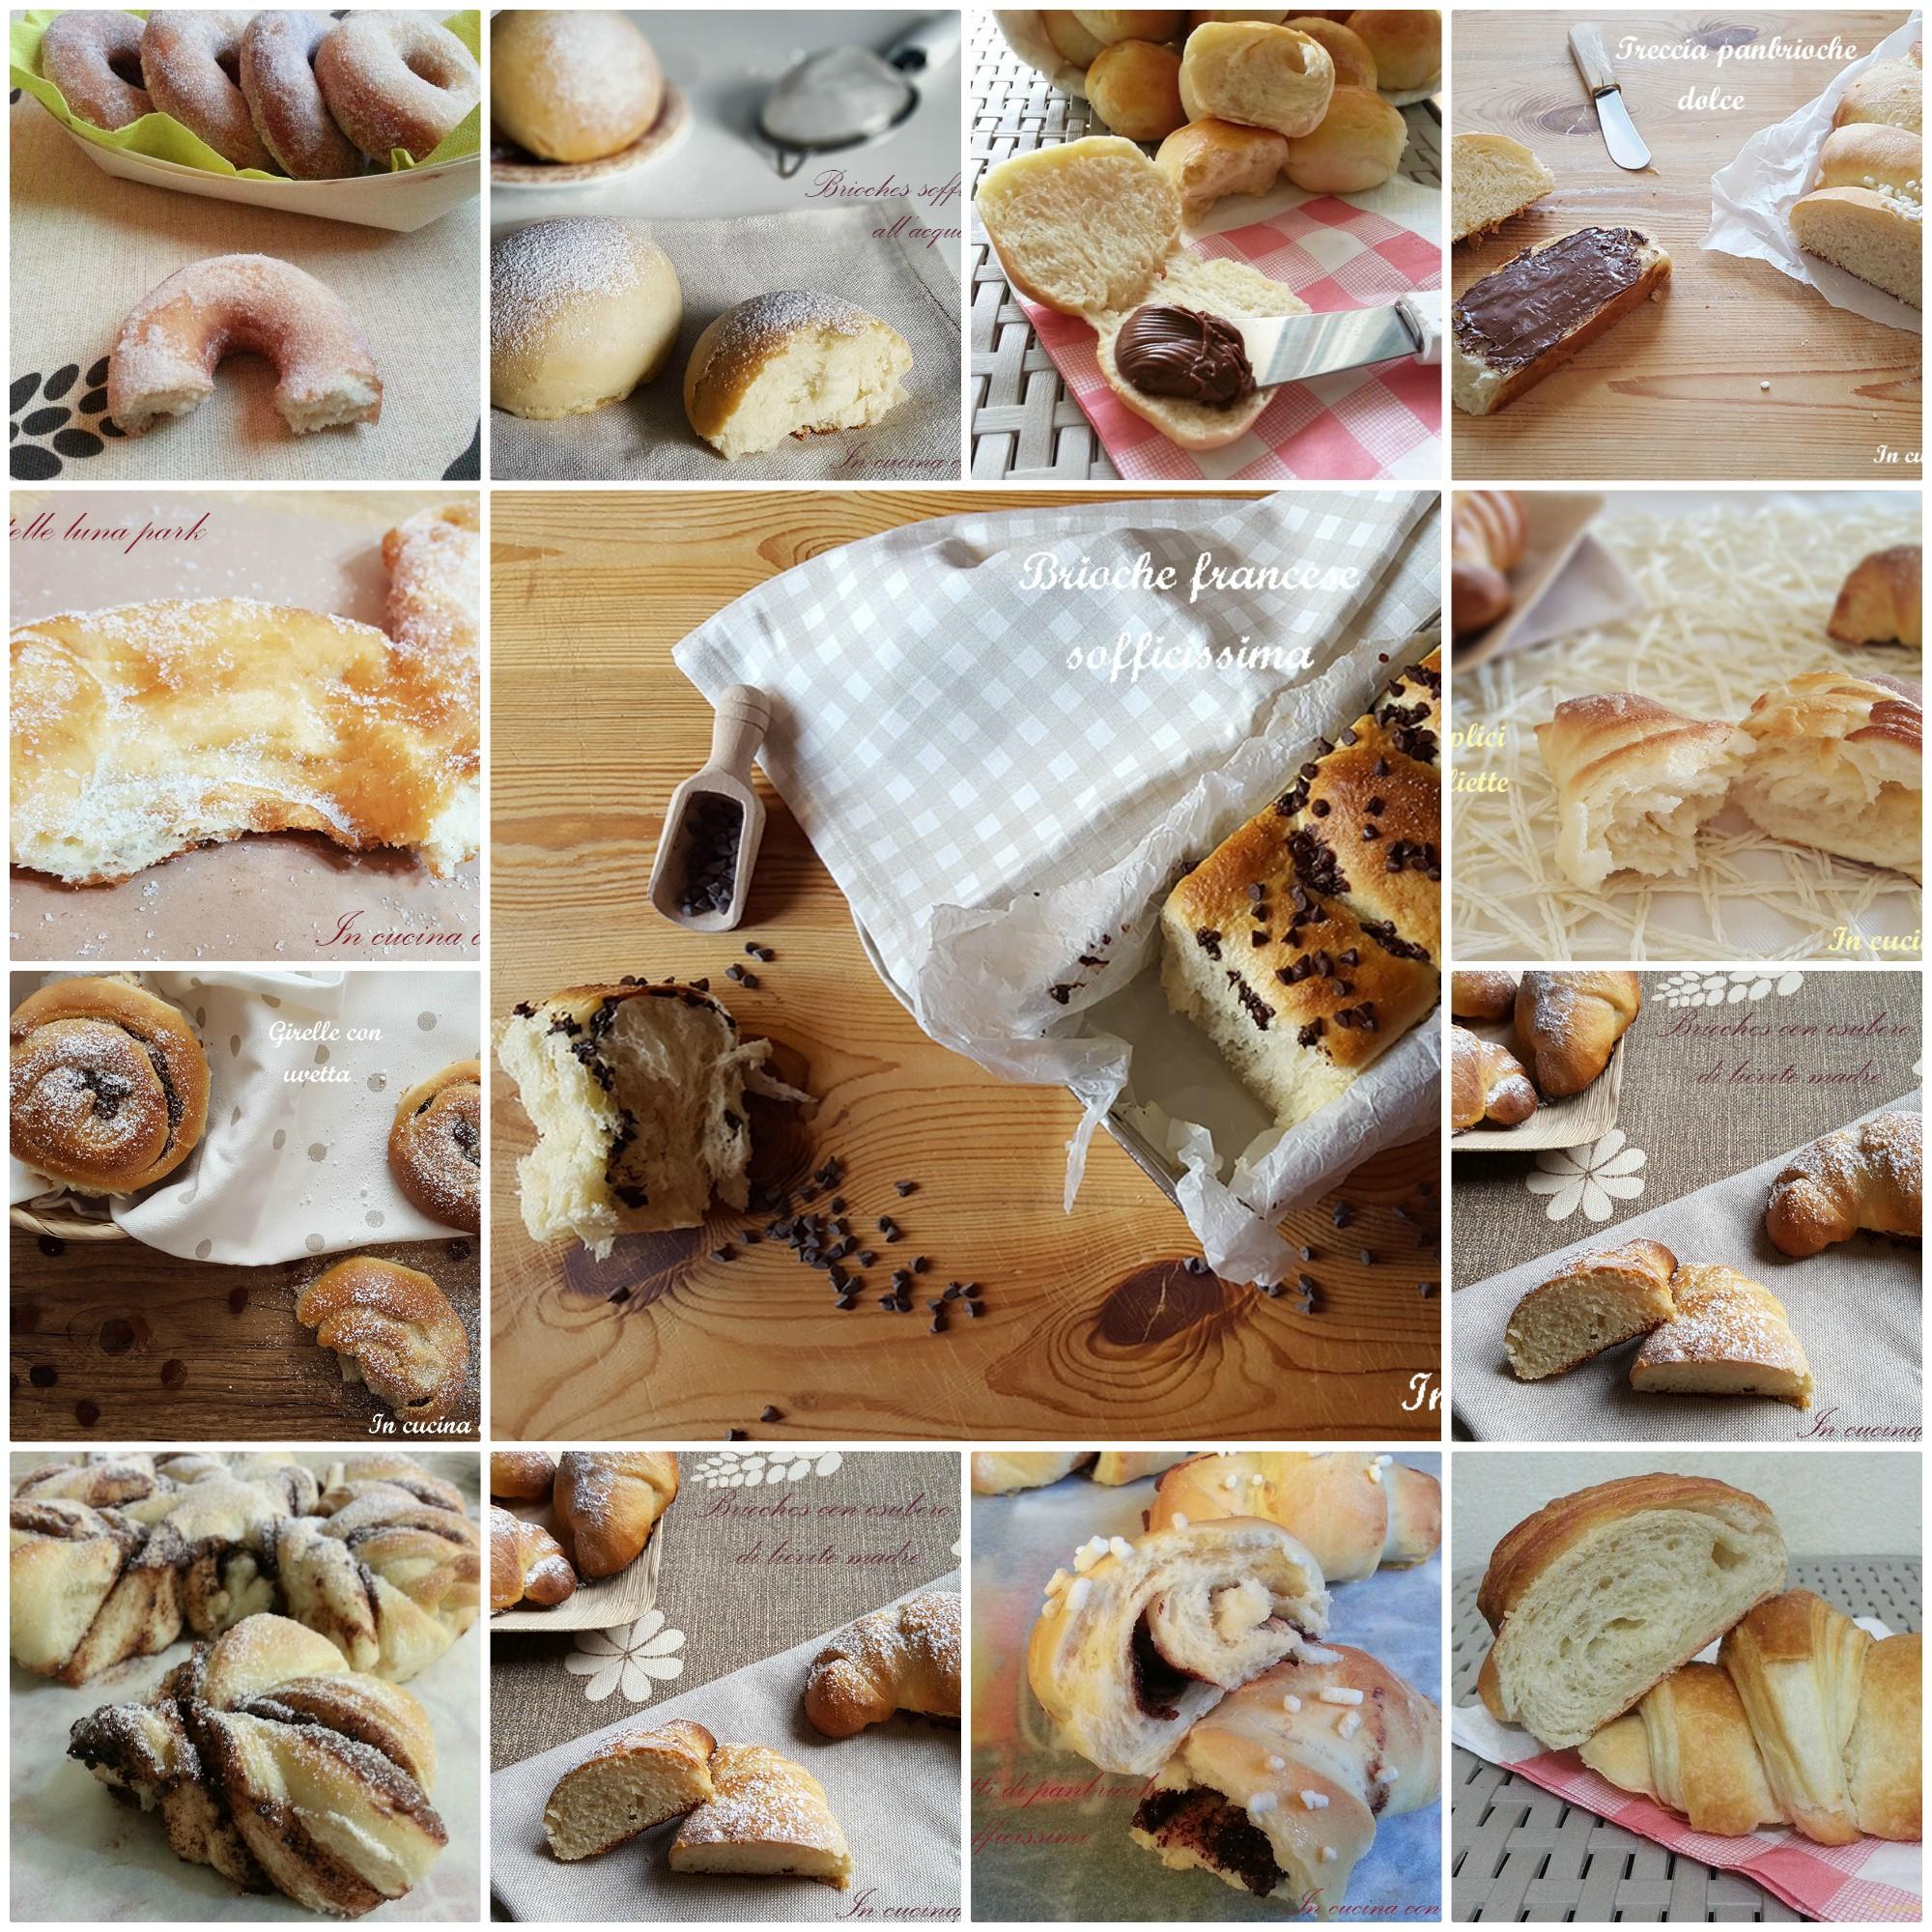 Ricetta Dolci Lievitati.Raccolta Lievitati Dolci Ricette Deliziose In Cucina Con Peppa